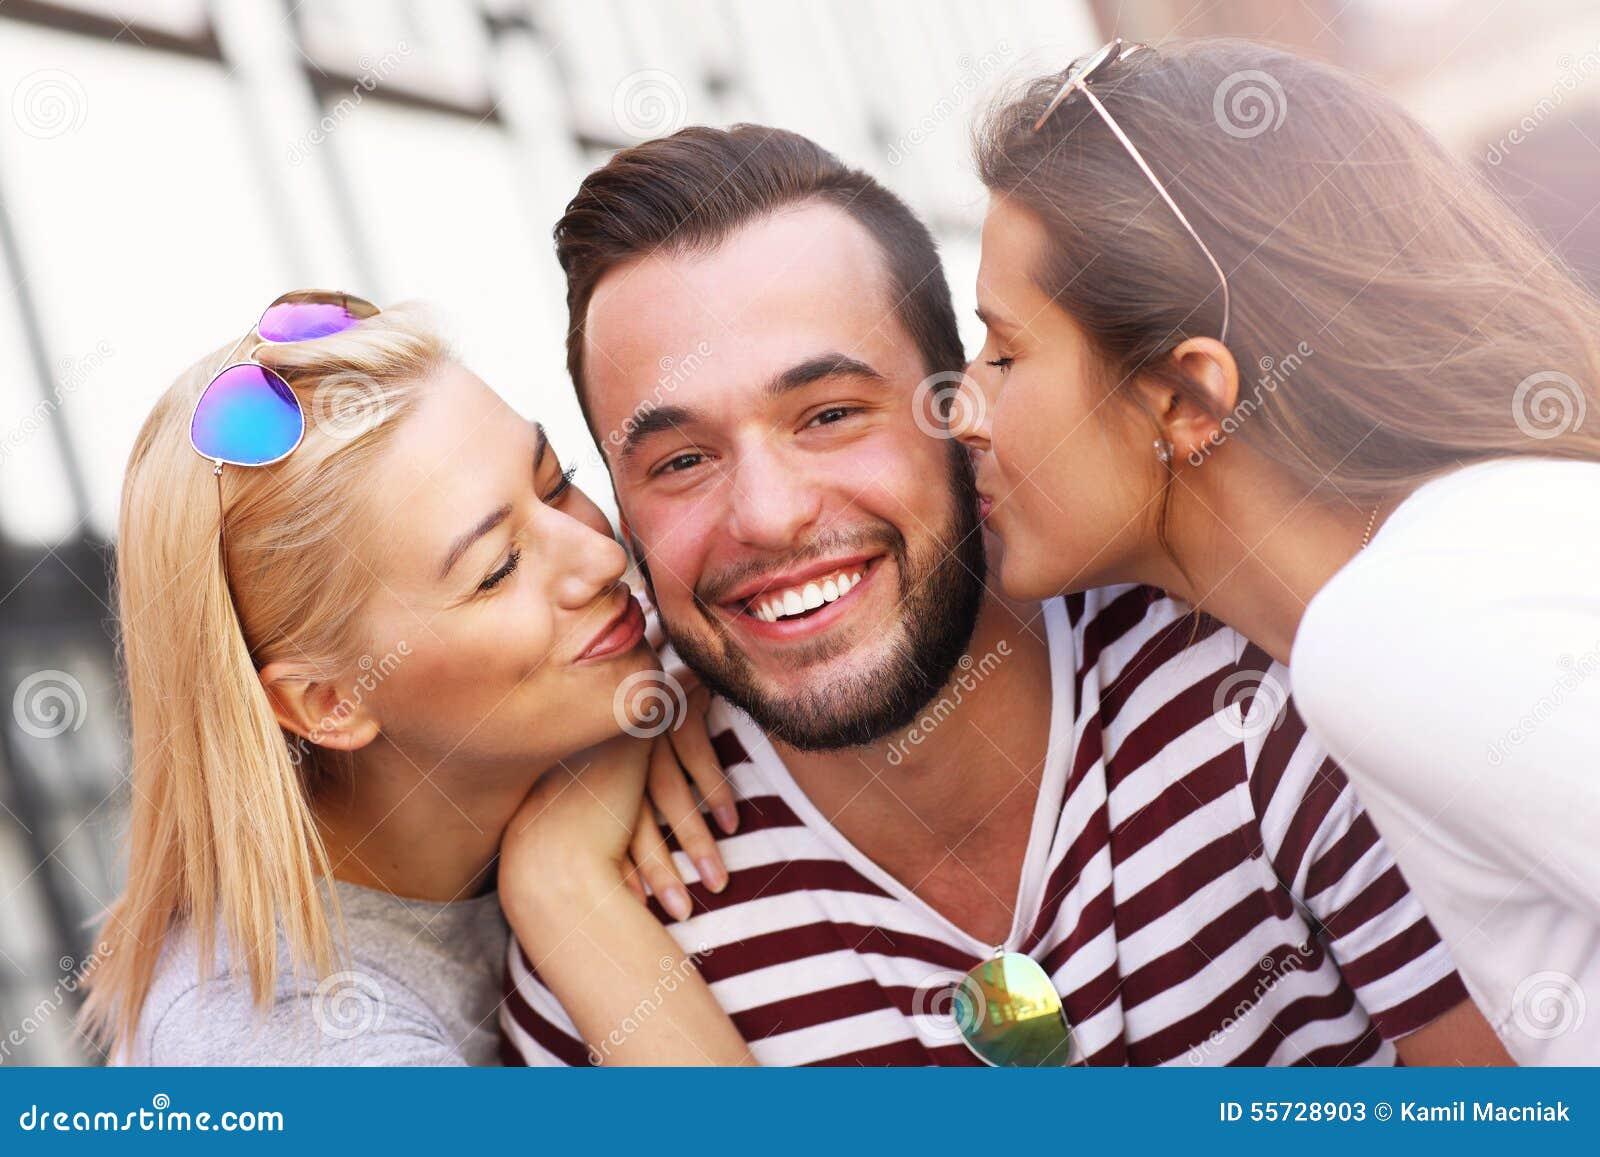 Zwei Frauen Die Einen Mann Kussen Stockbild Bild Von Glucklich